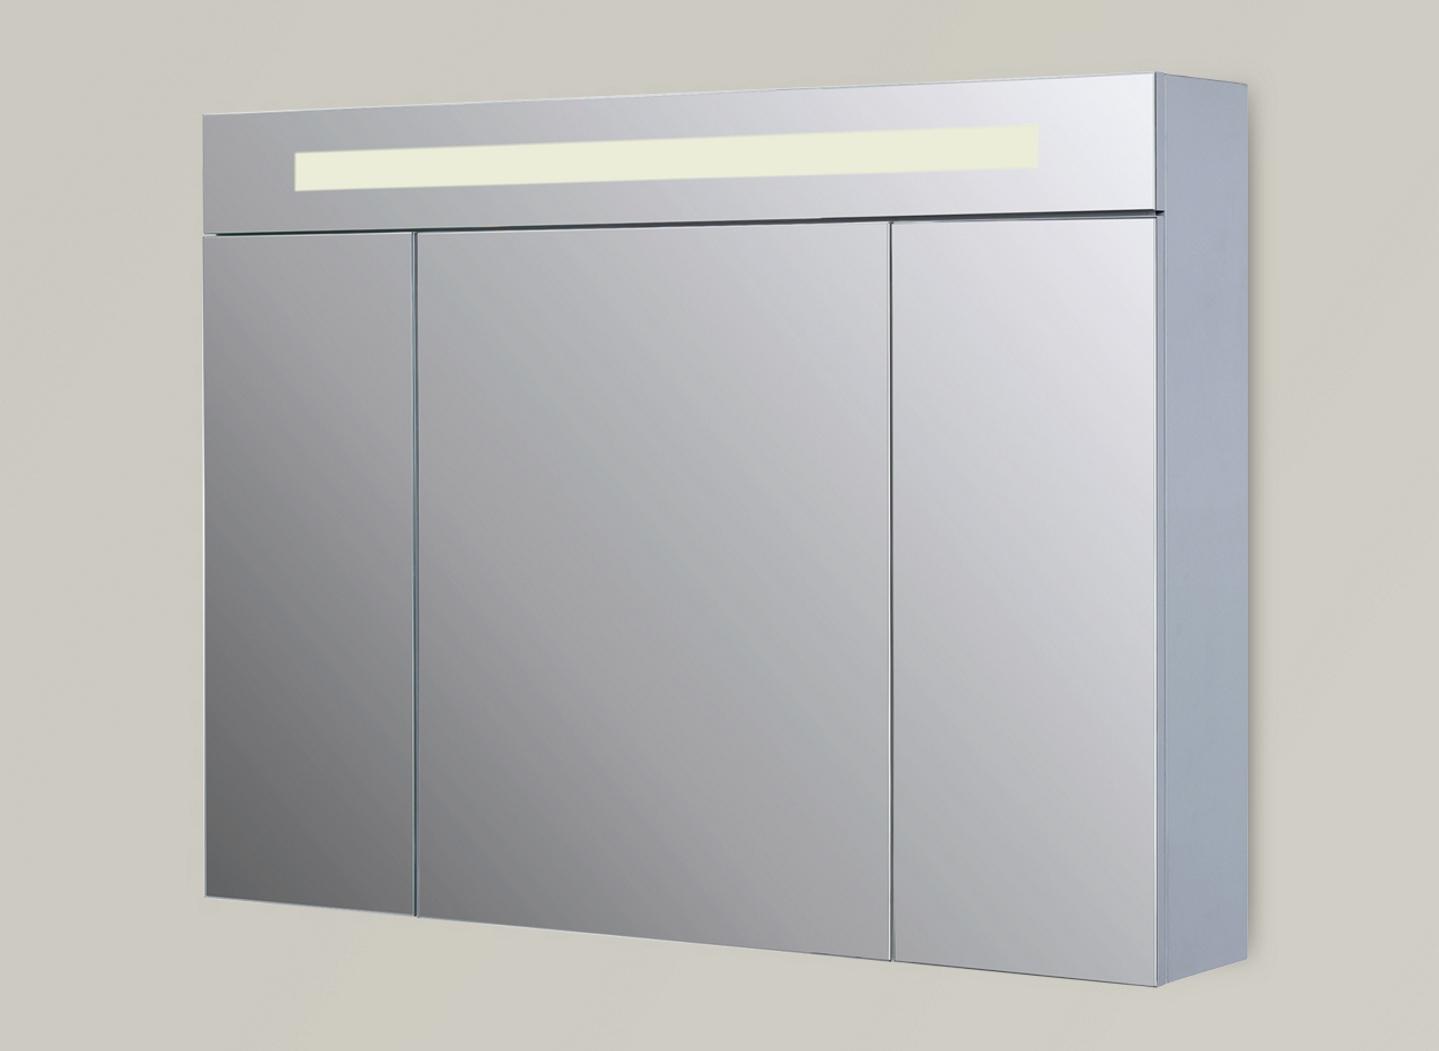 Ducta 900x150x660 mm